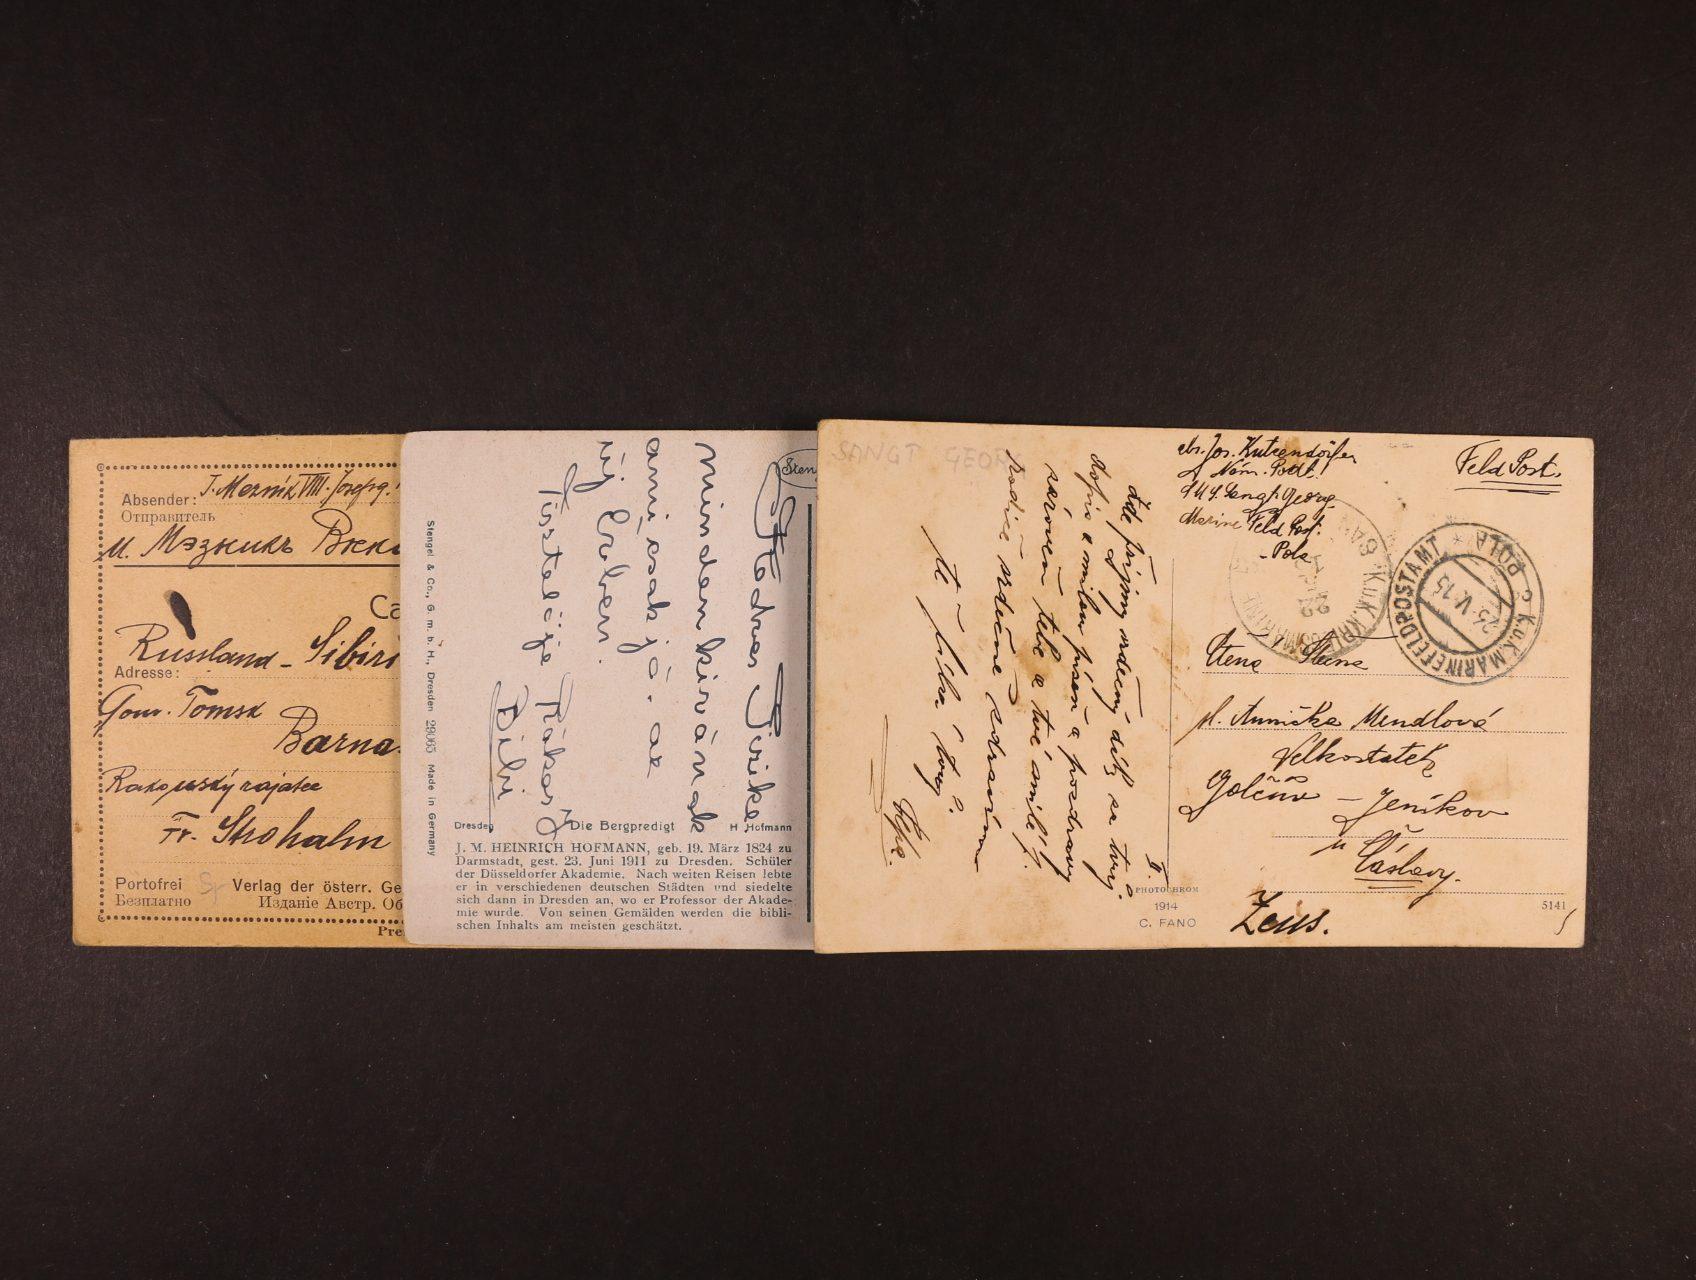 sestava 6 ks celistvostí přepr. FP v letech 1915 - 16, mj. lodní pošta s raz. S.M.S. SANT GEORG